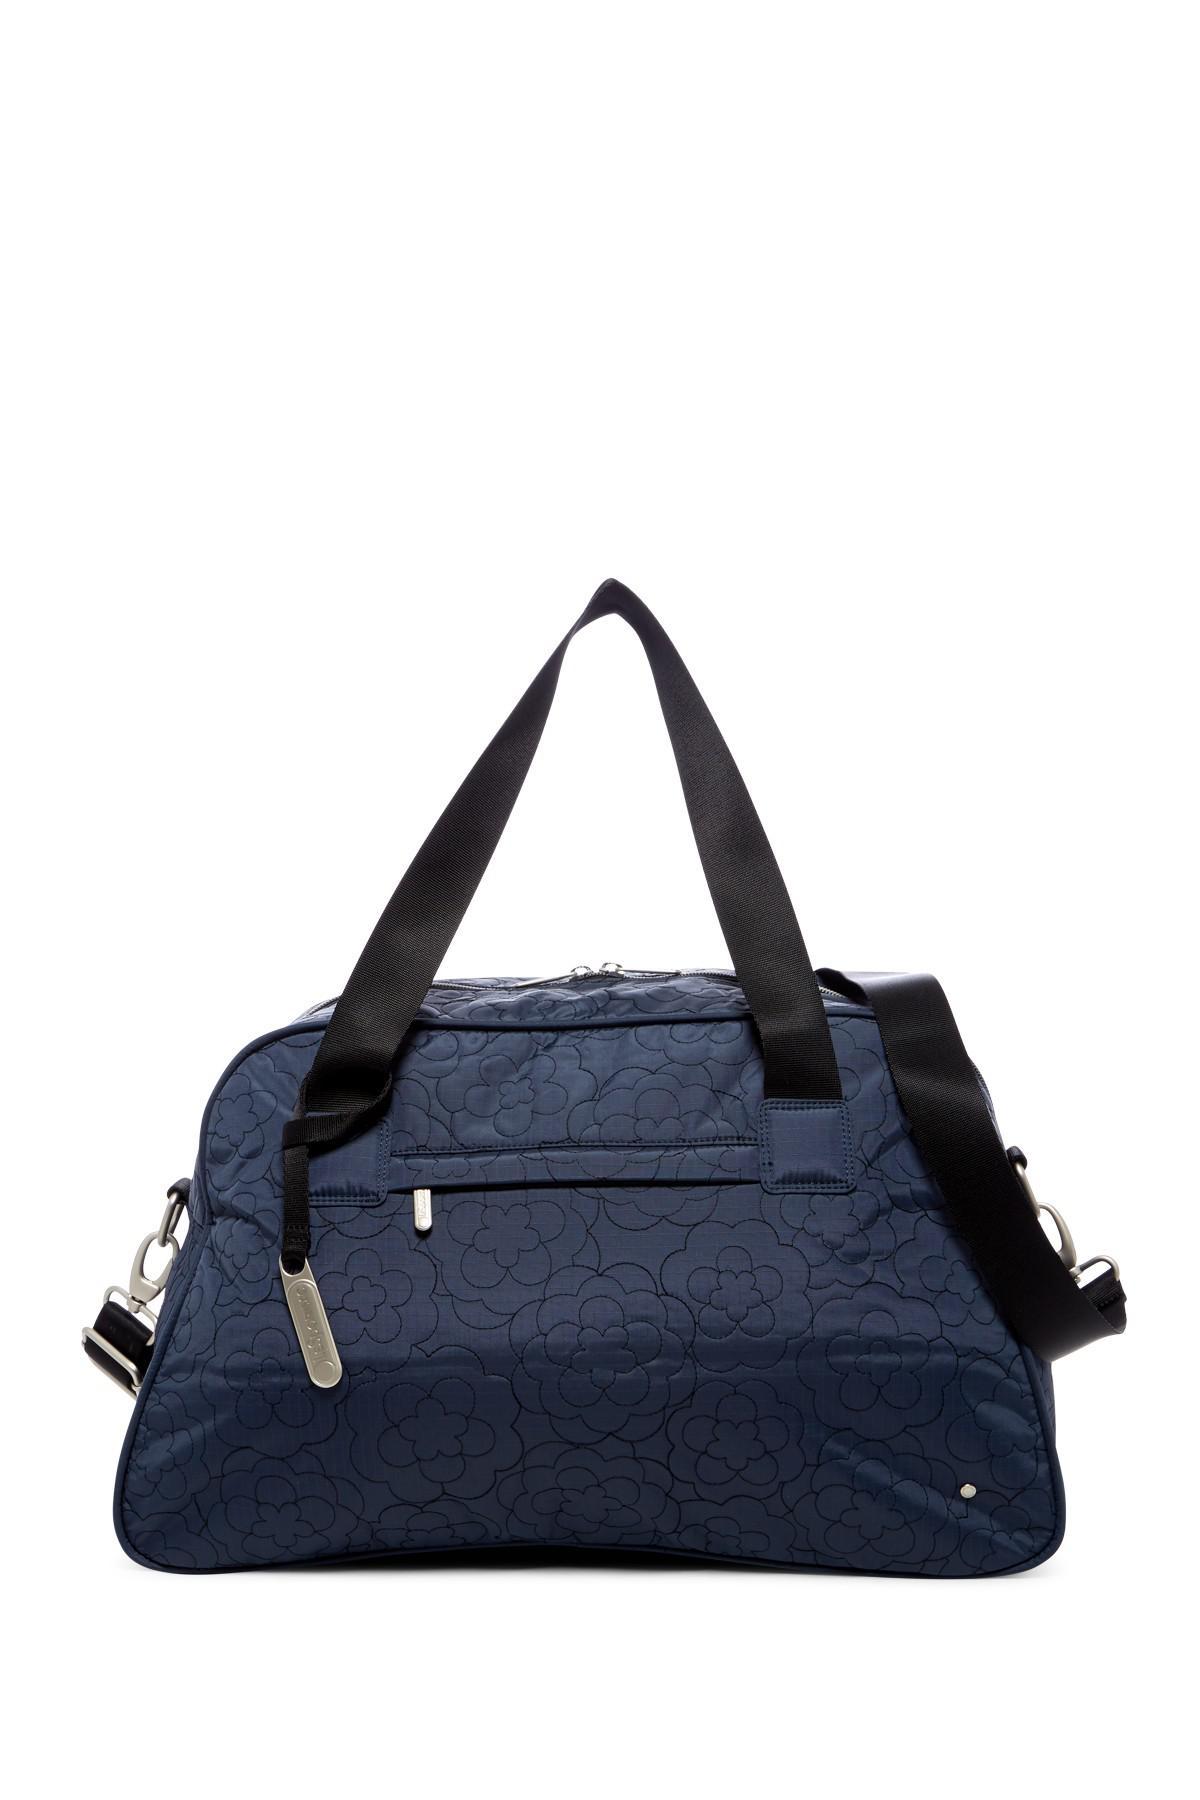 Giani Bernini $200 NWT Black Kilty Tote Shoulder Bag Leather Expandable Tassel